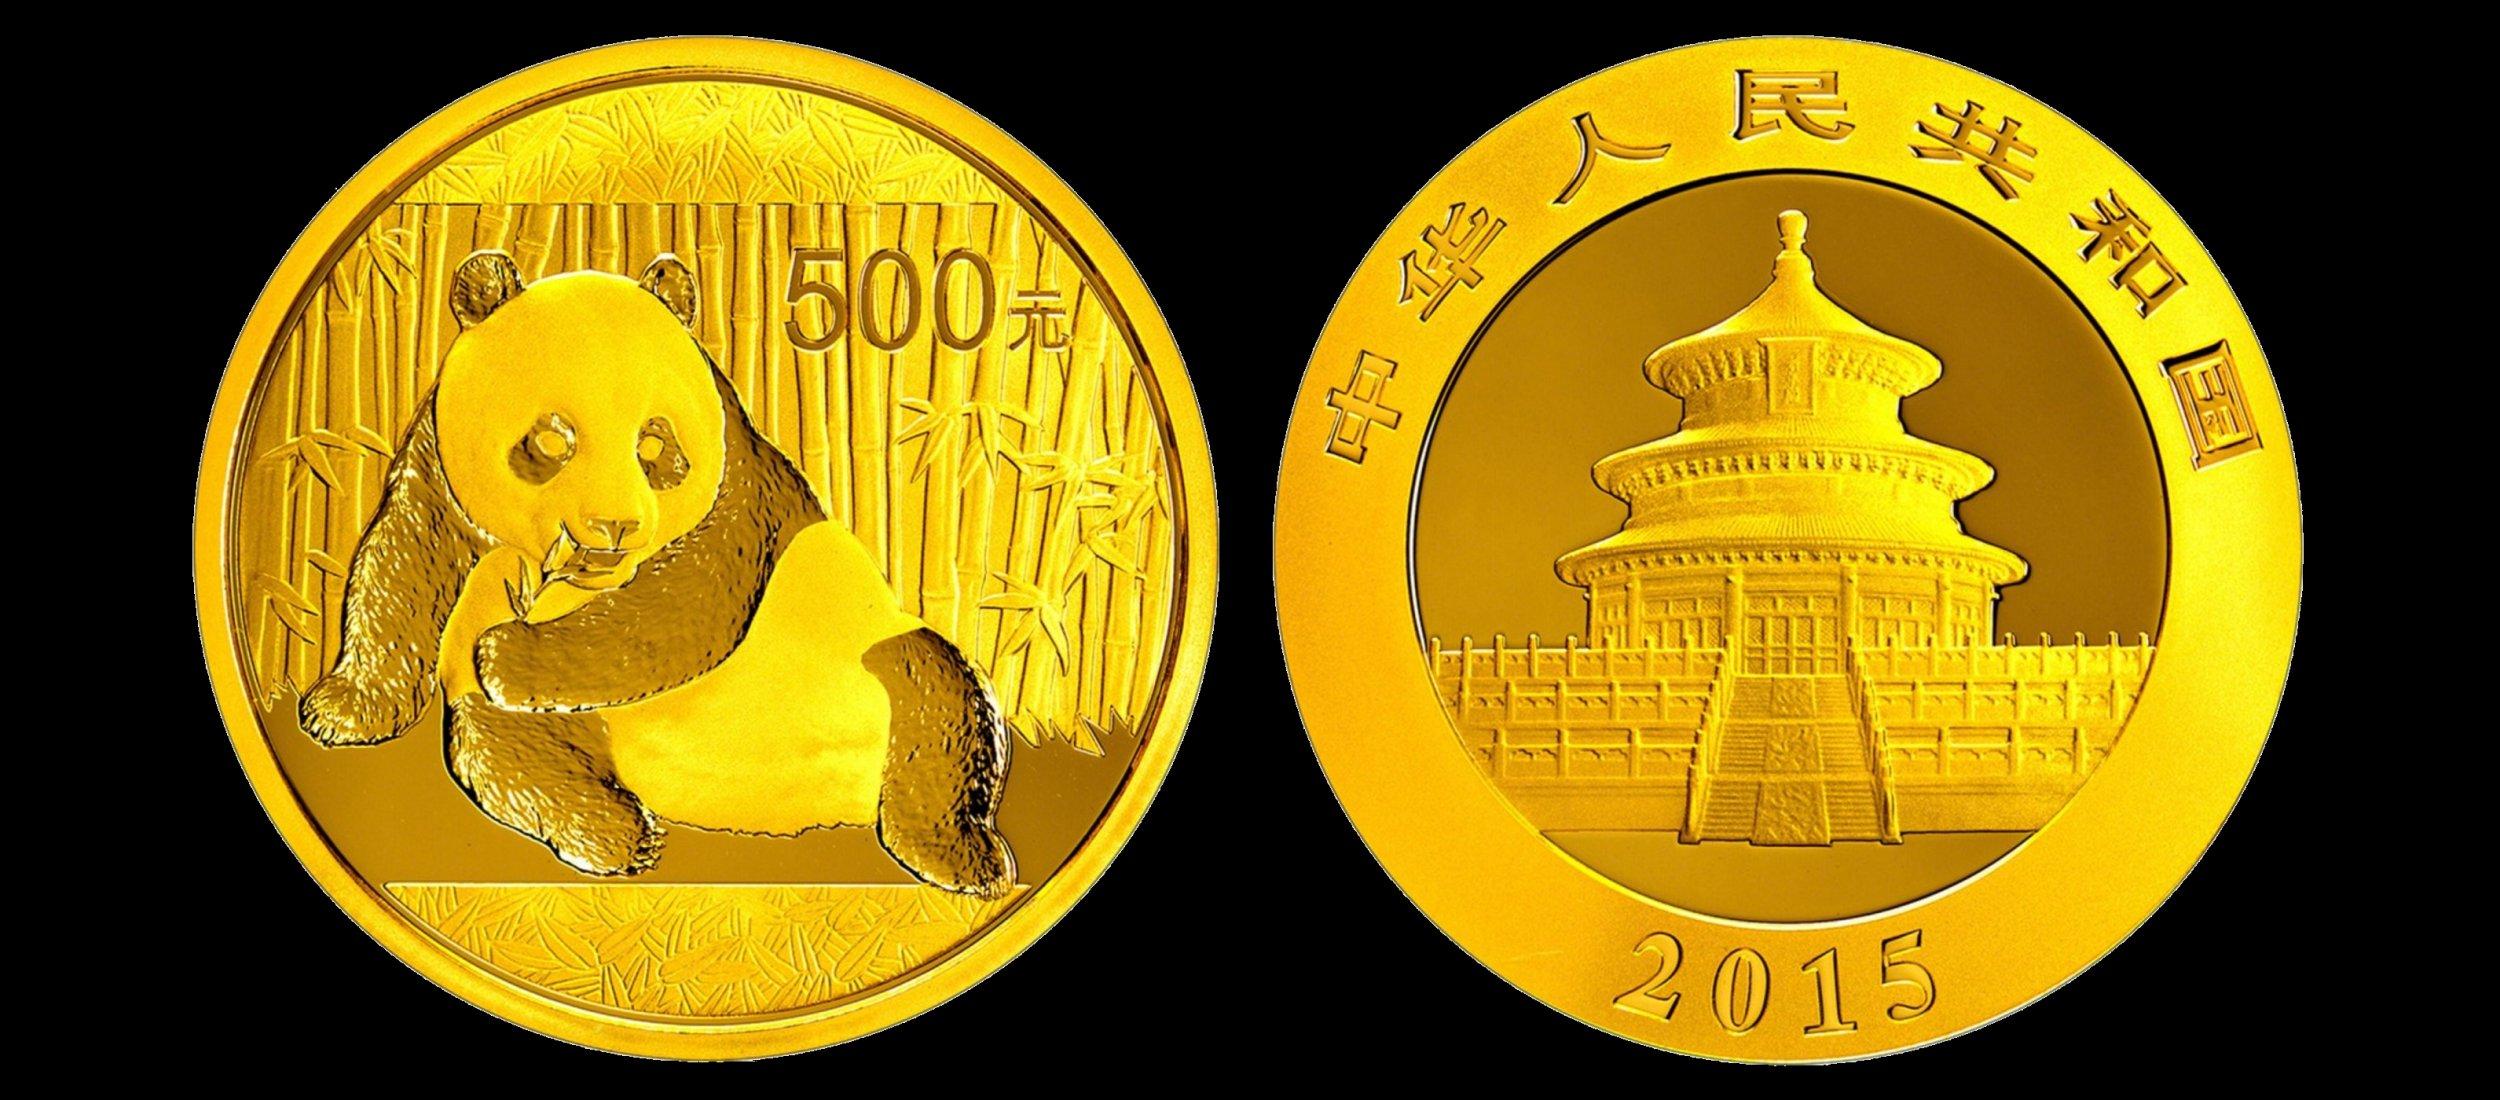 kineski-panda-zlatnik-1-2-crni